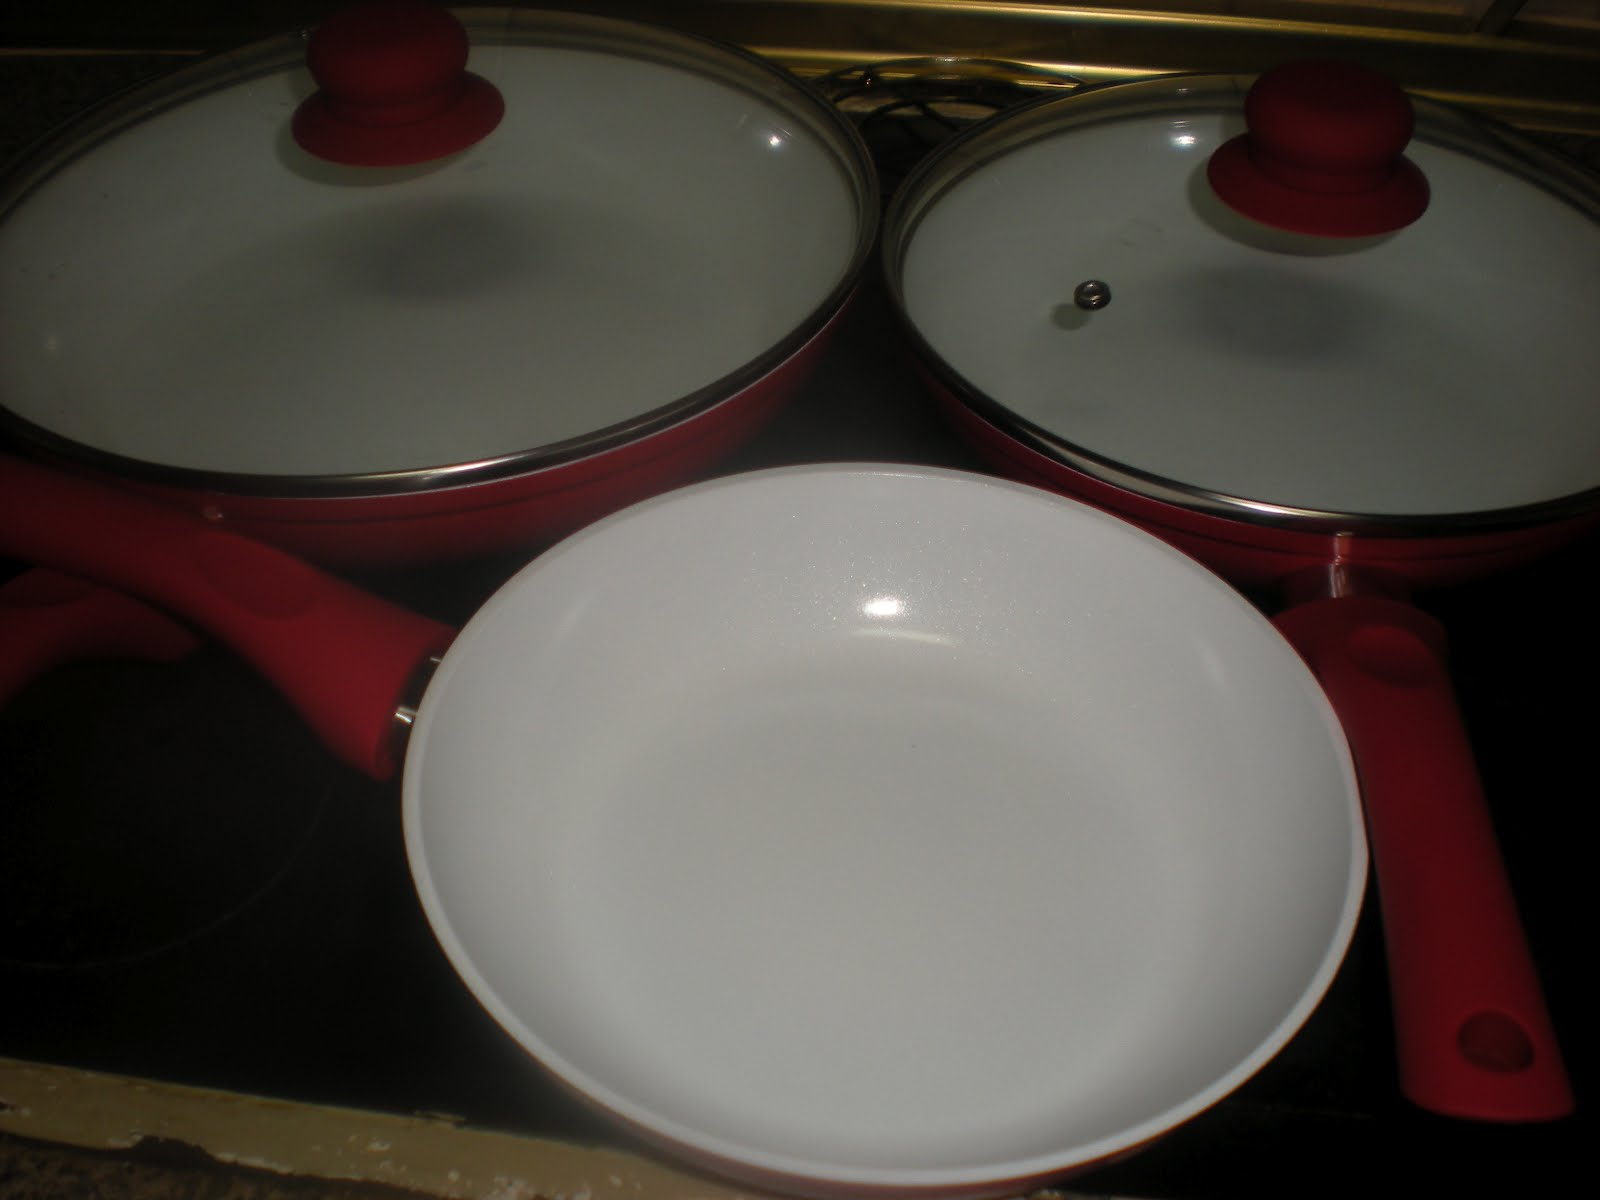 Mis trucos de cocina sartenes de revestimiento cer mico for Revestimiento ceramico cocina